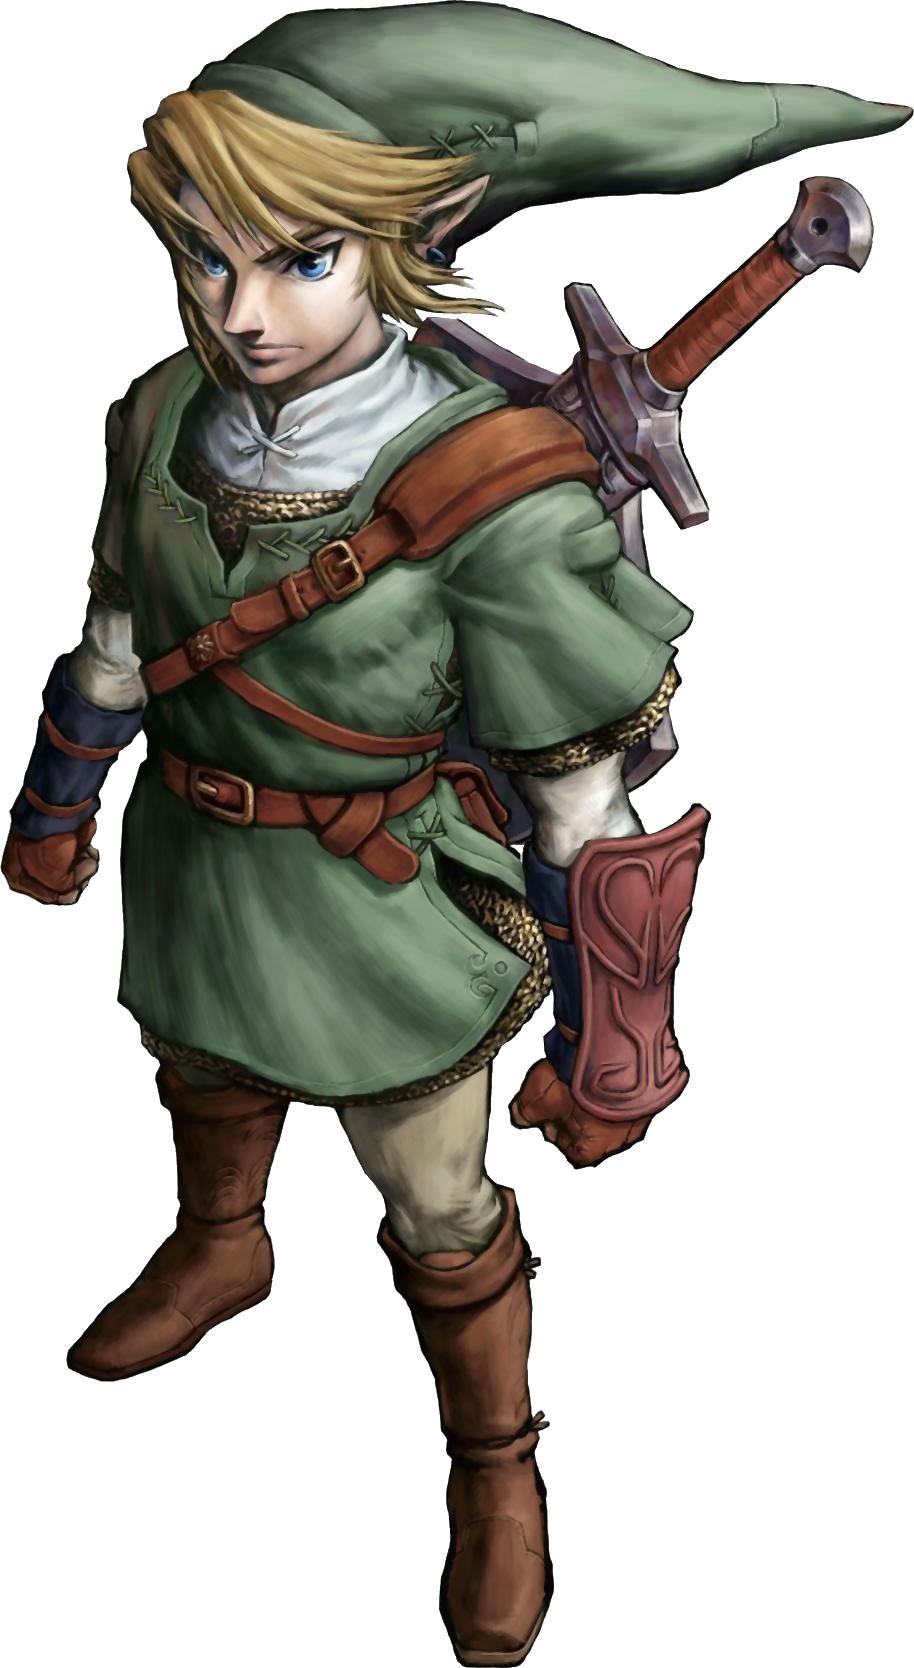 Link, Zelda, Queer, Video Game, Hookup